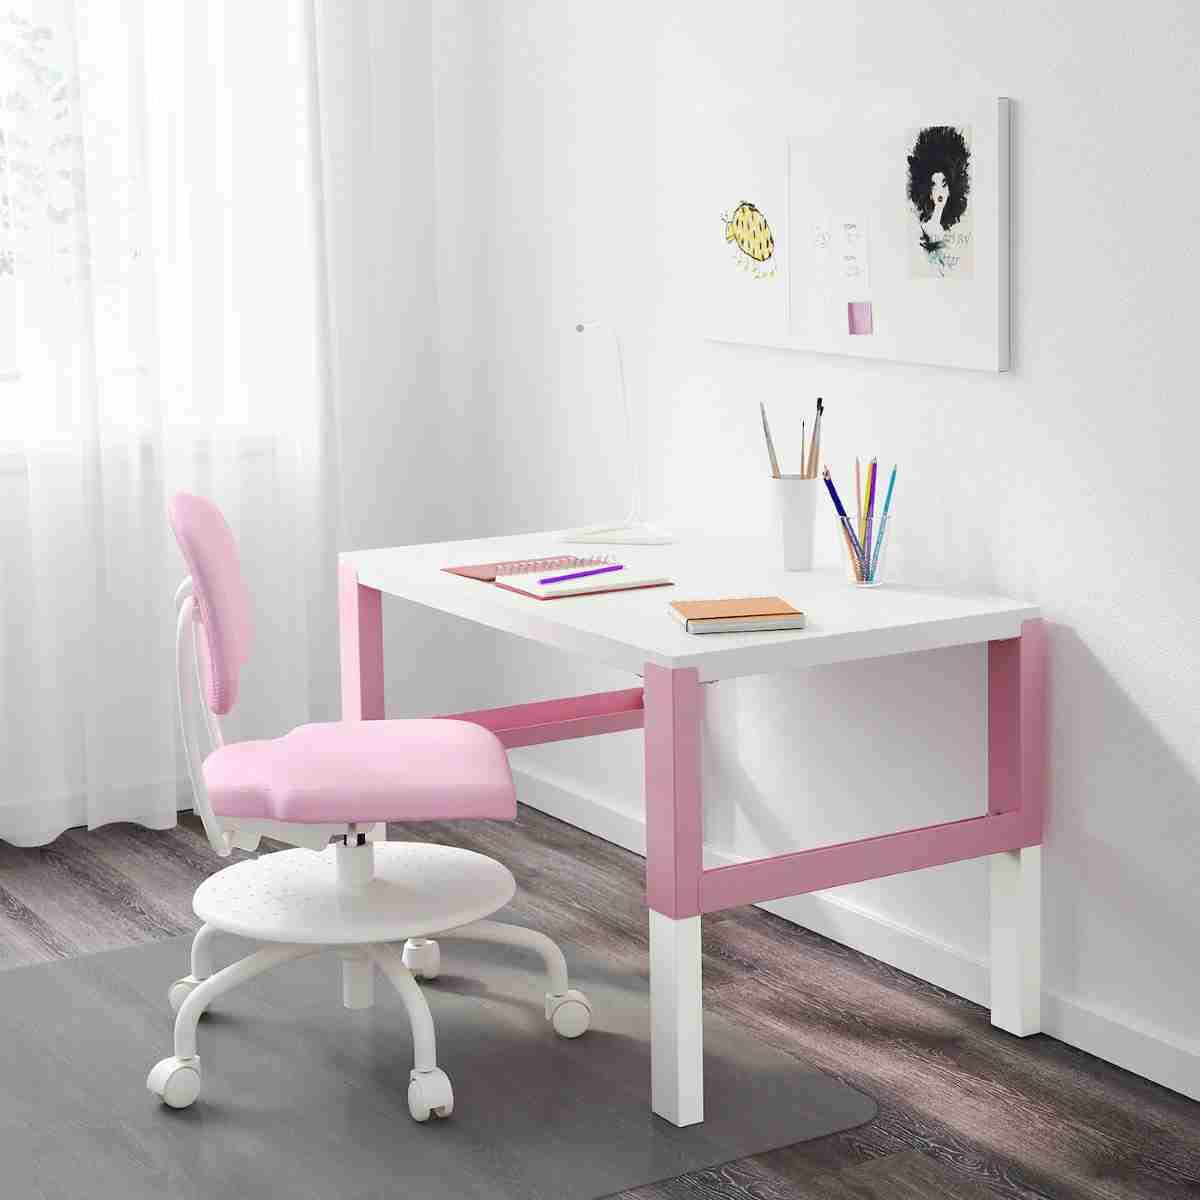 escritorio de ikea bicolor